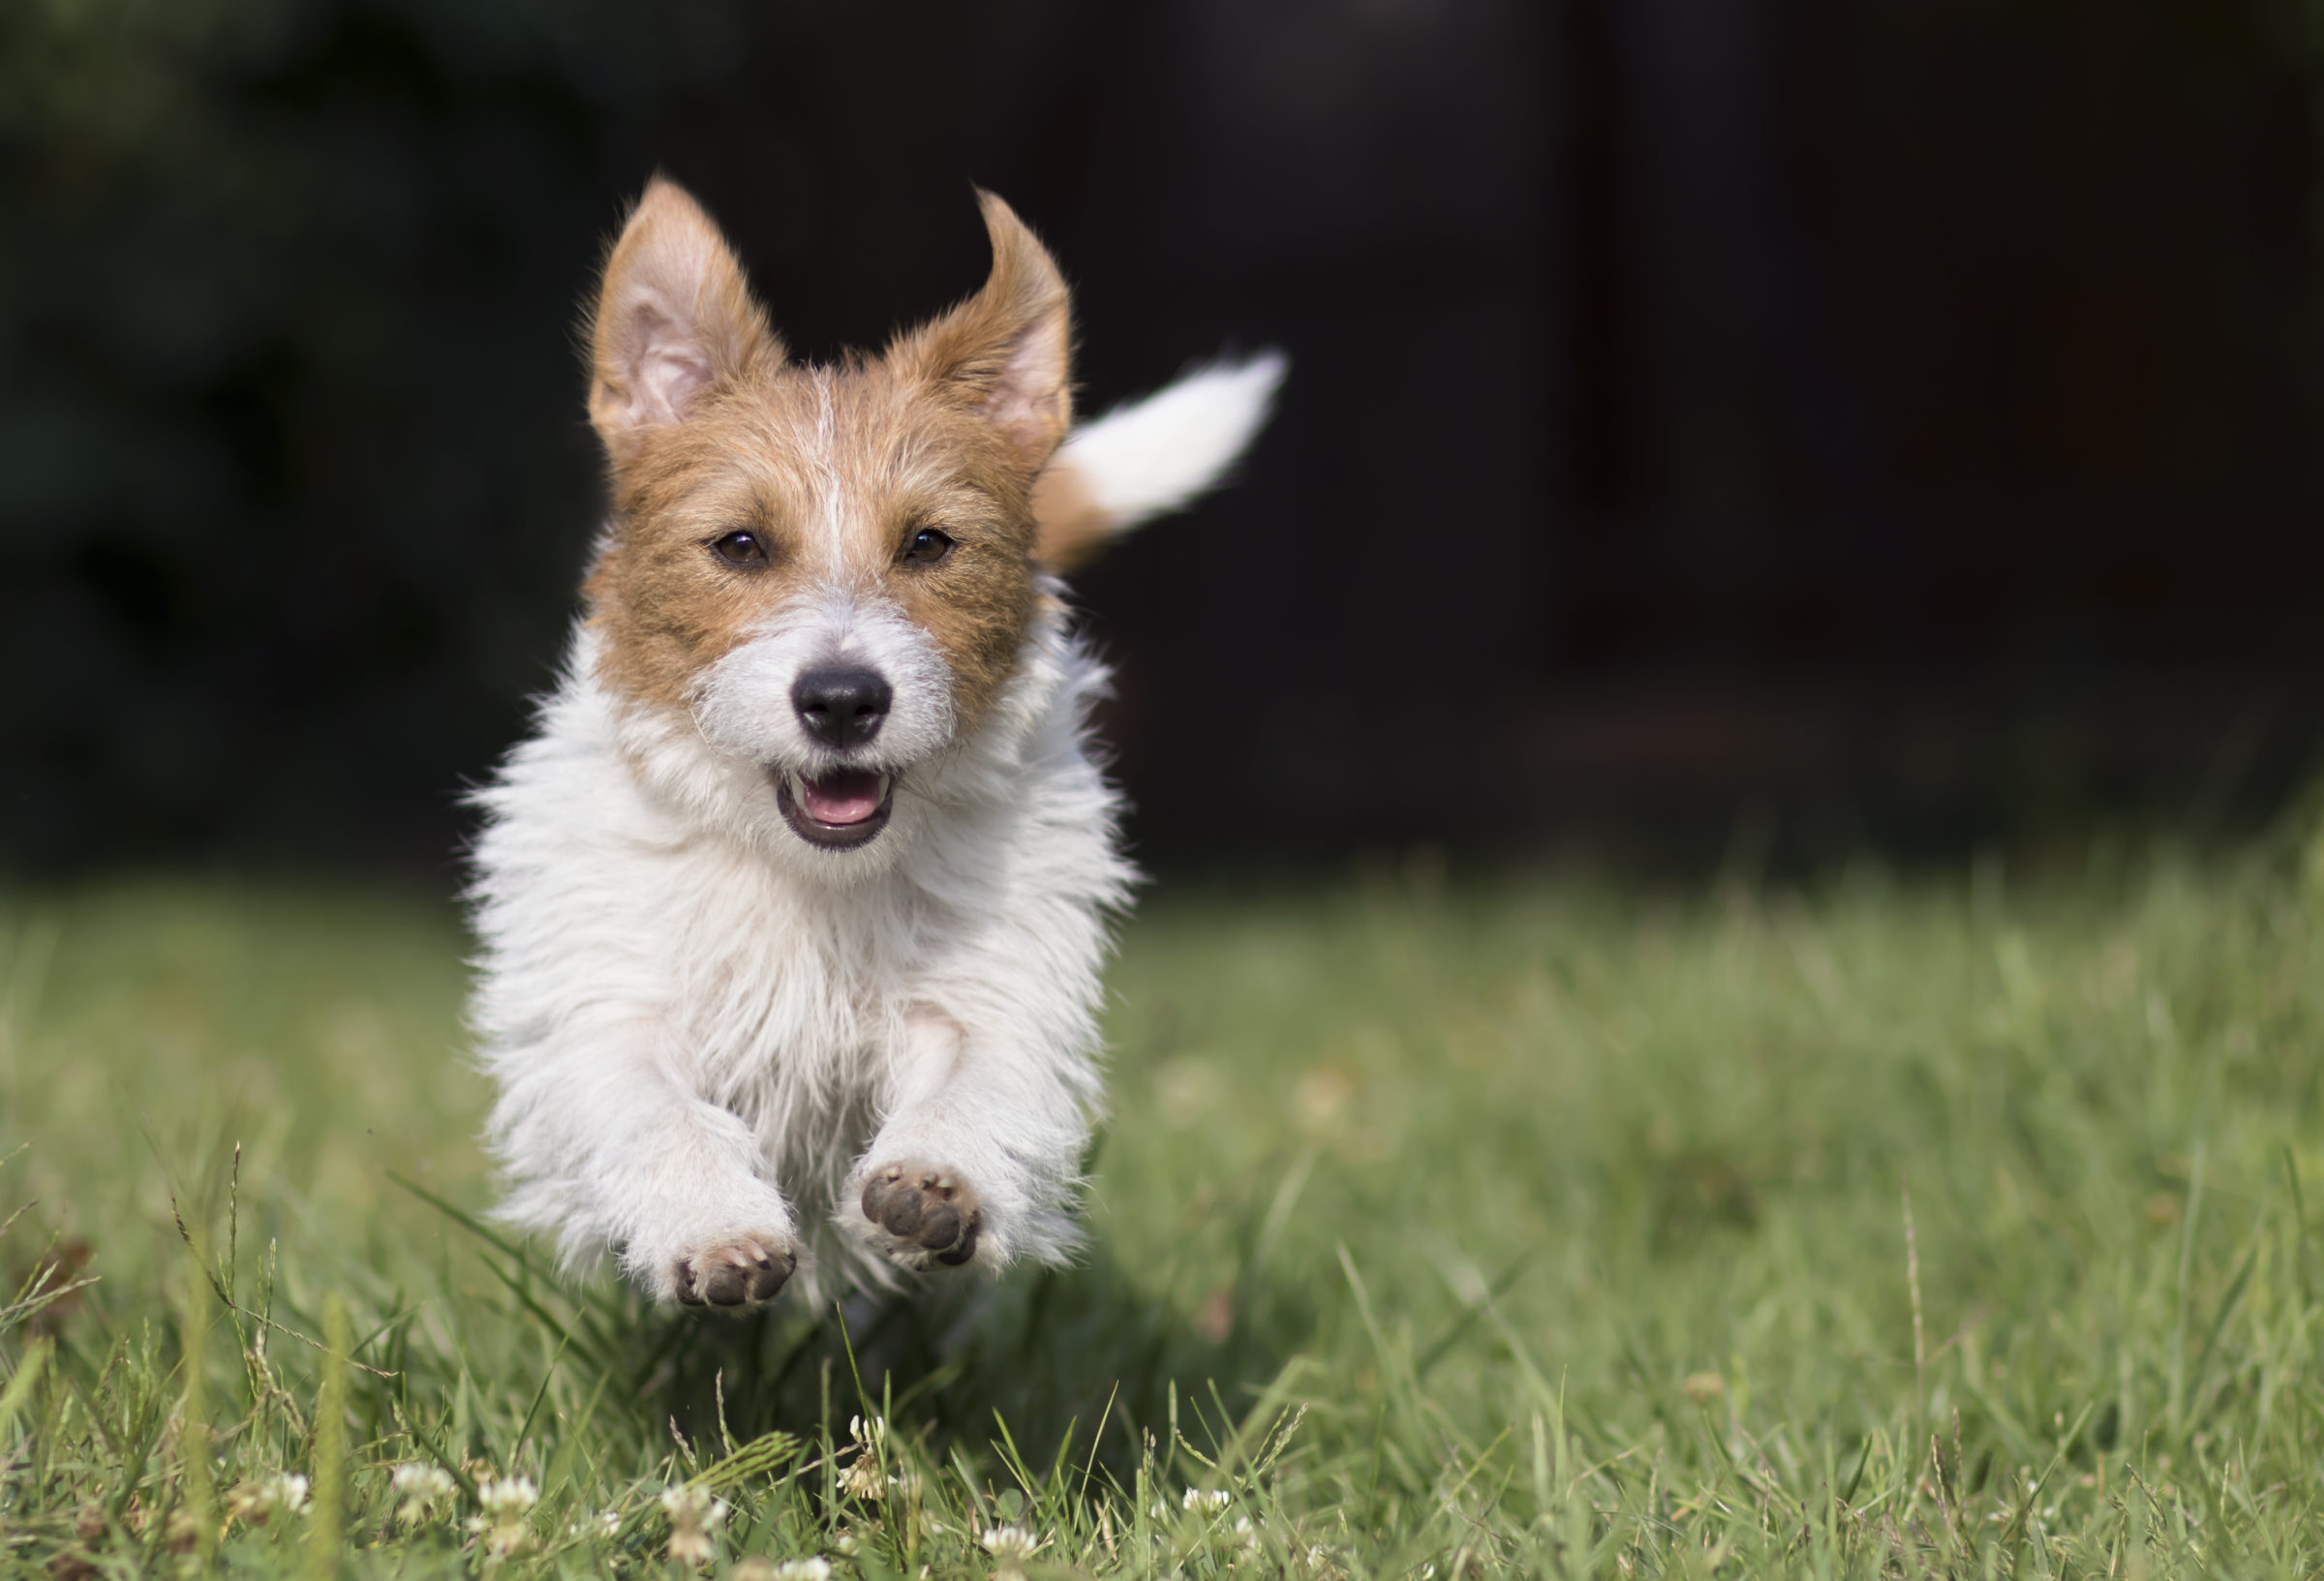 active playful dog 2021 04 05 23 43 03 utc